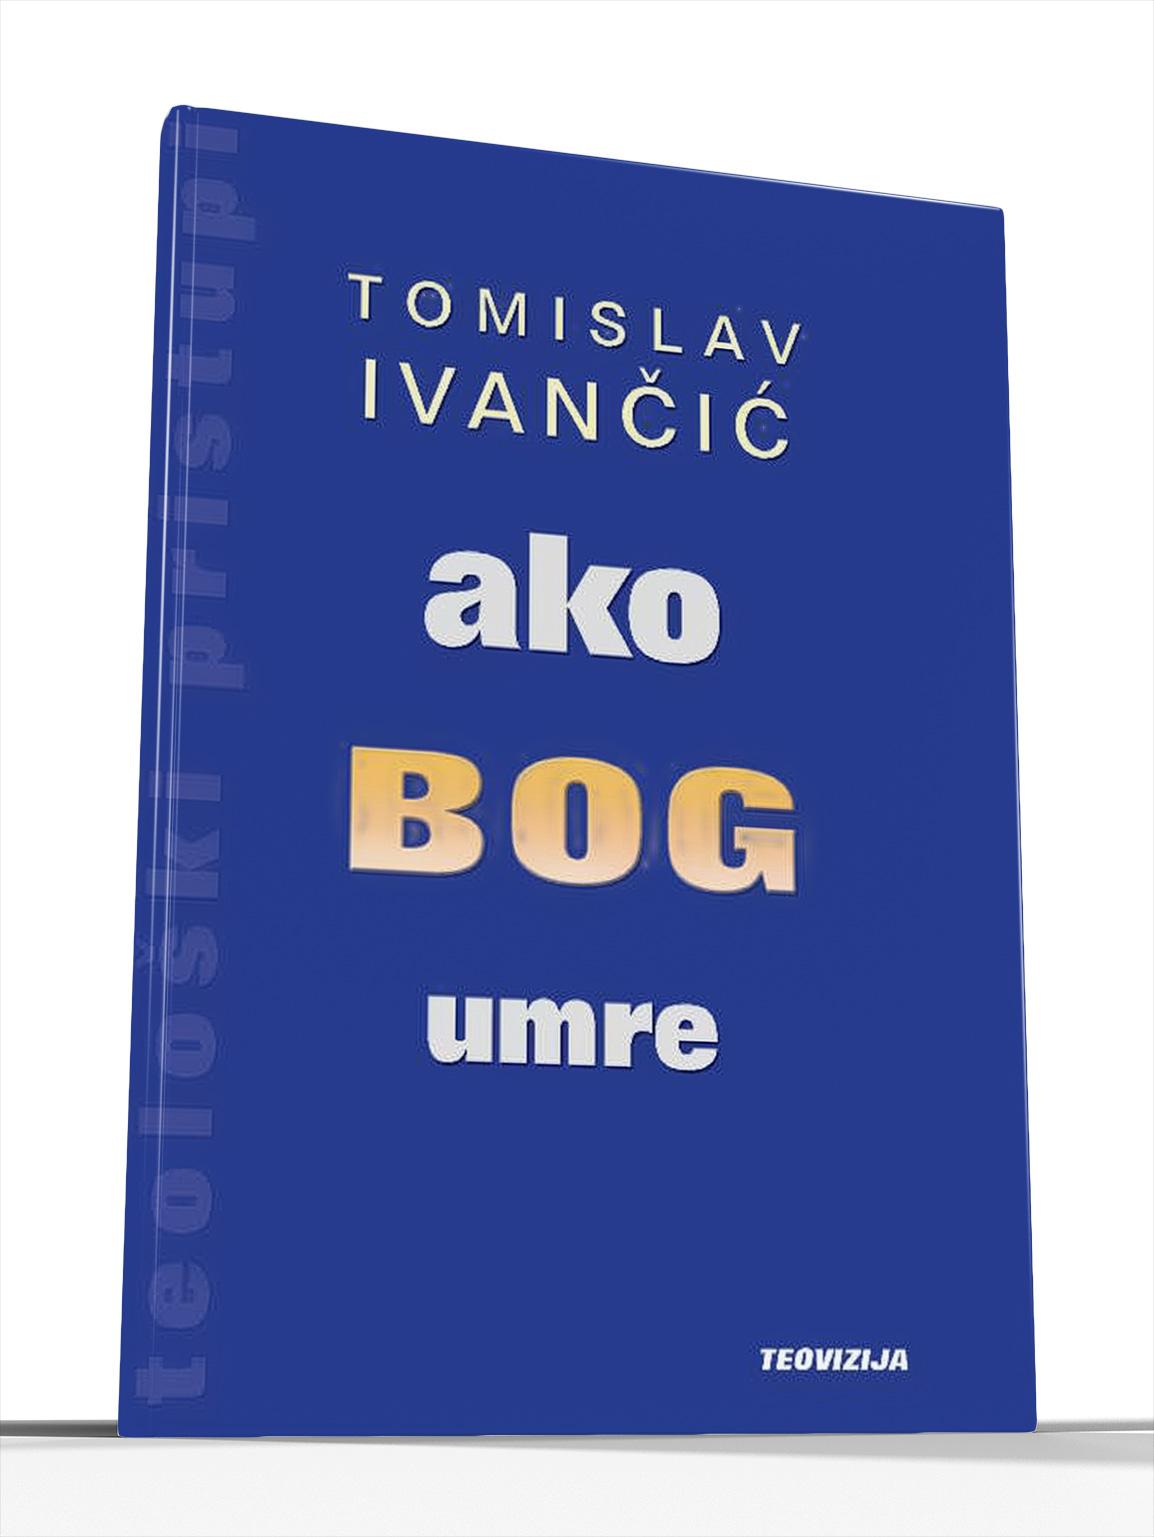 AKO BOG UMRE - Tomislav Ivančić